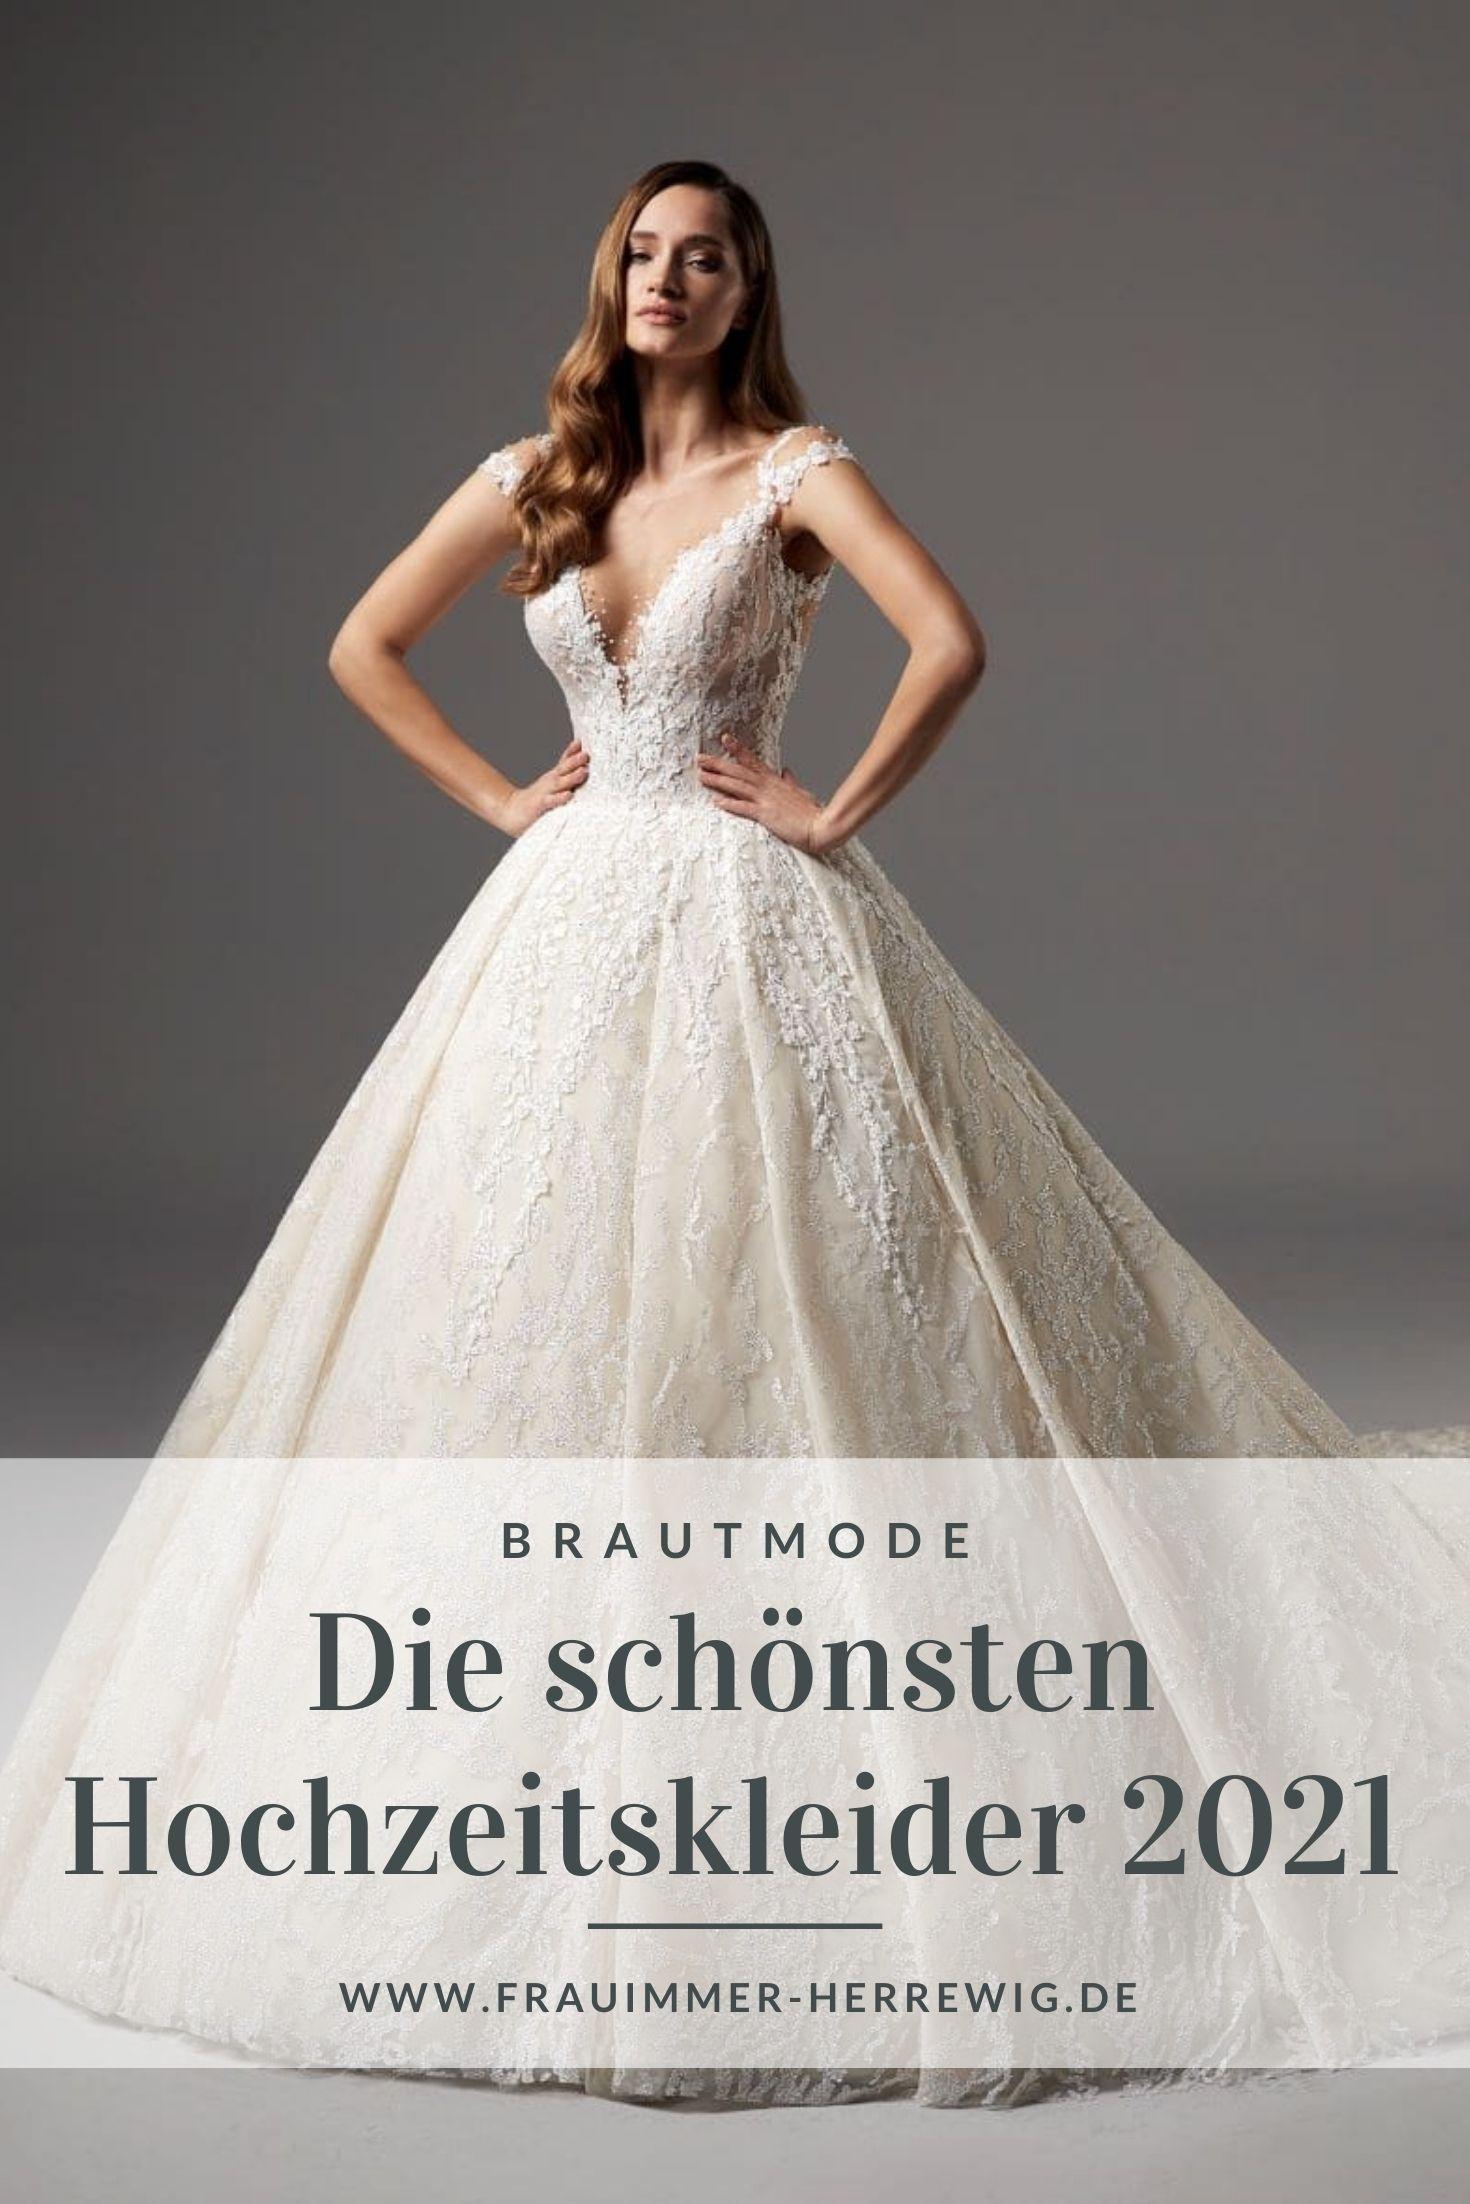 Hochzeitskleider 2021 – gesehen bei frauimmer-herrewig.de